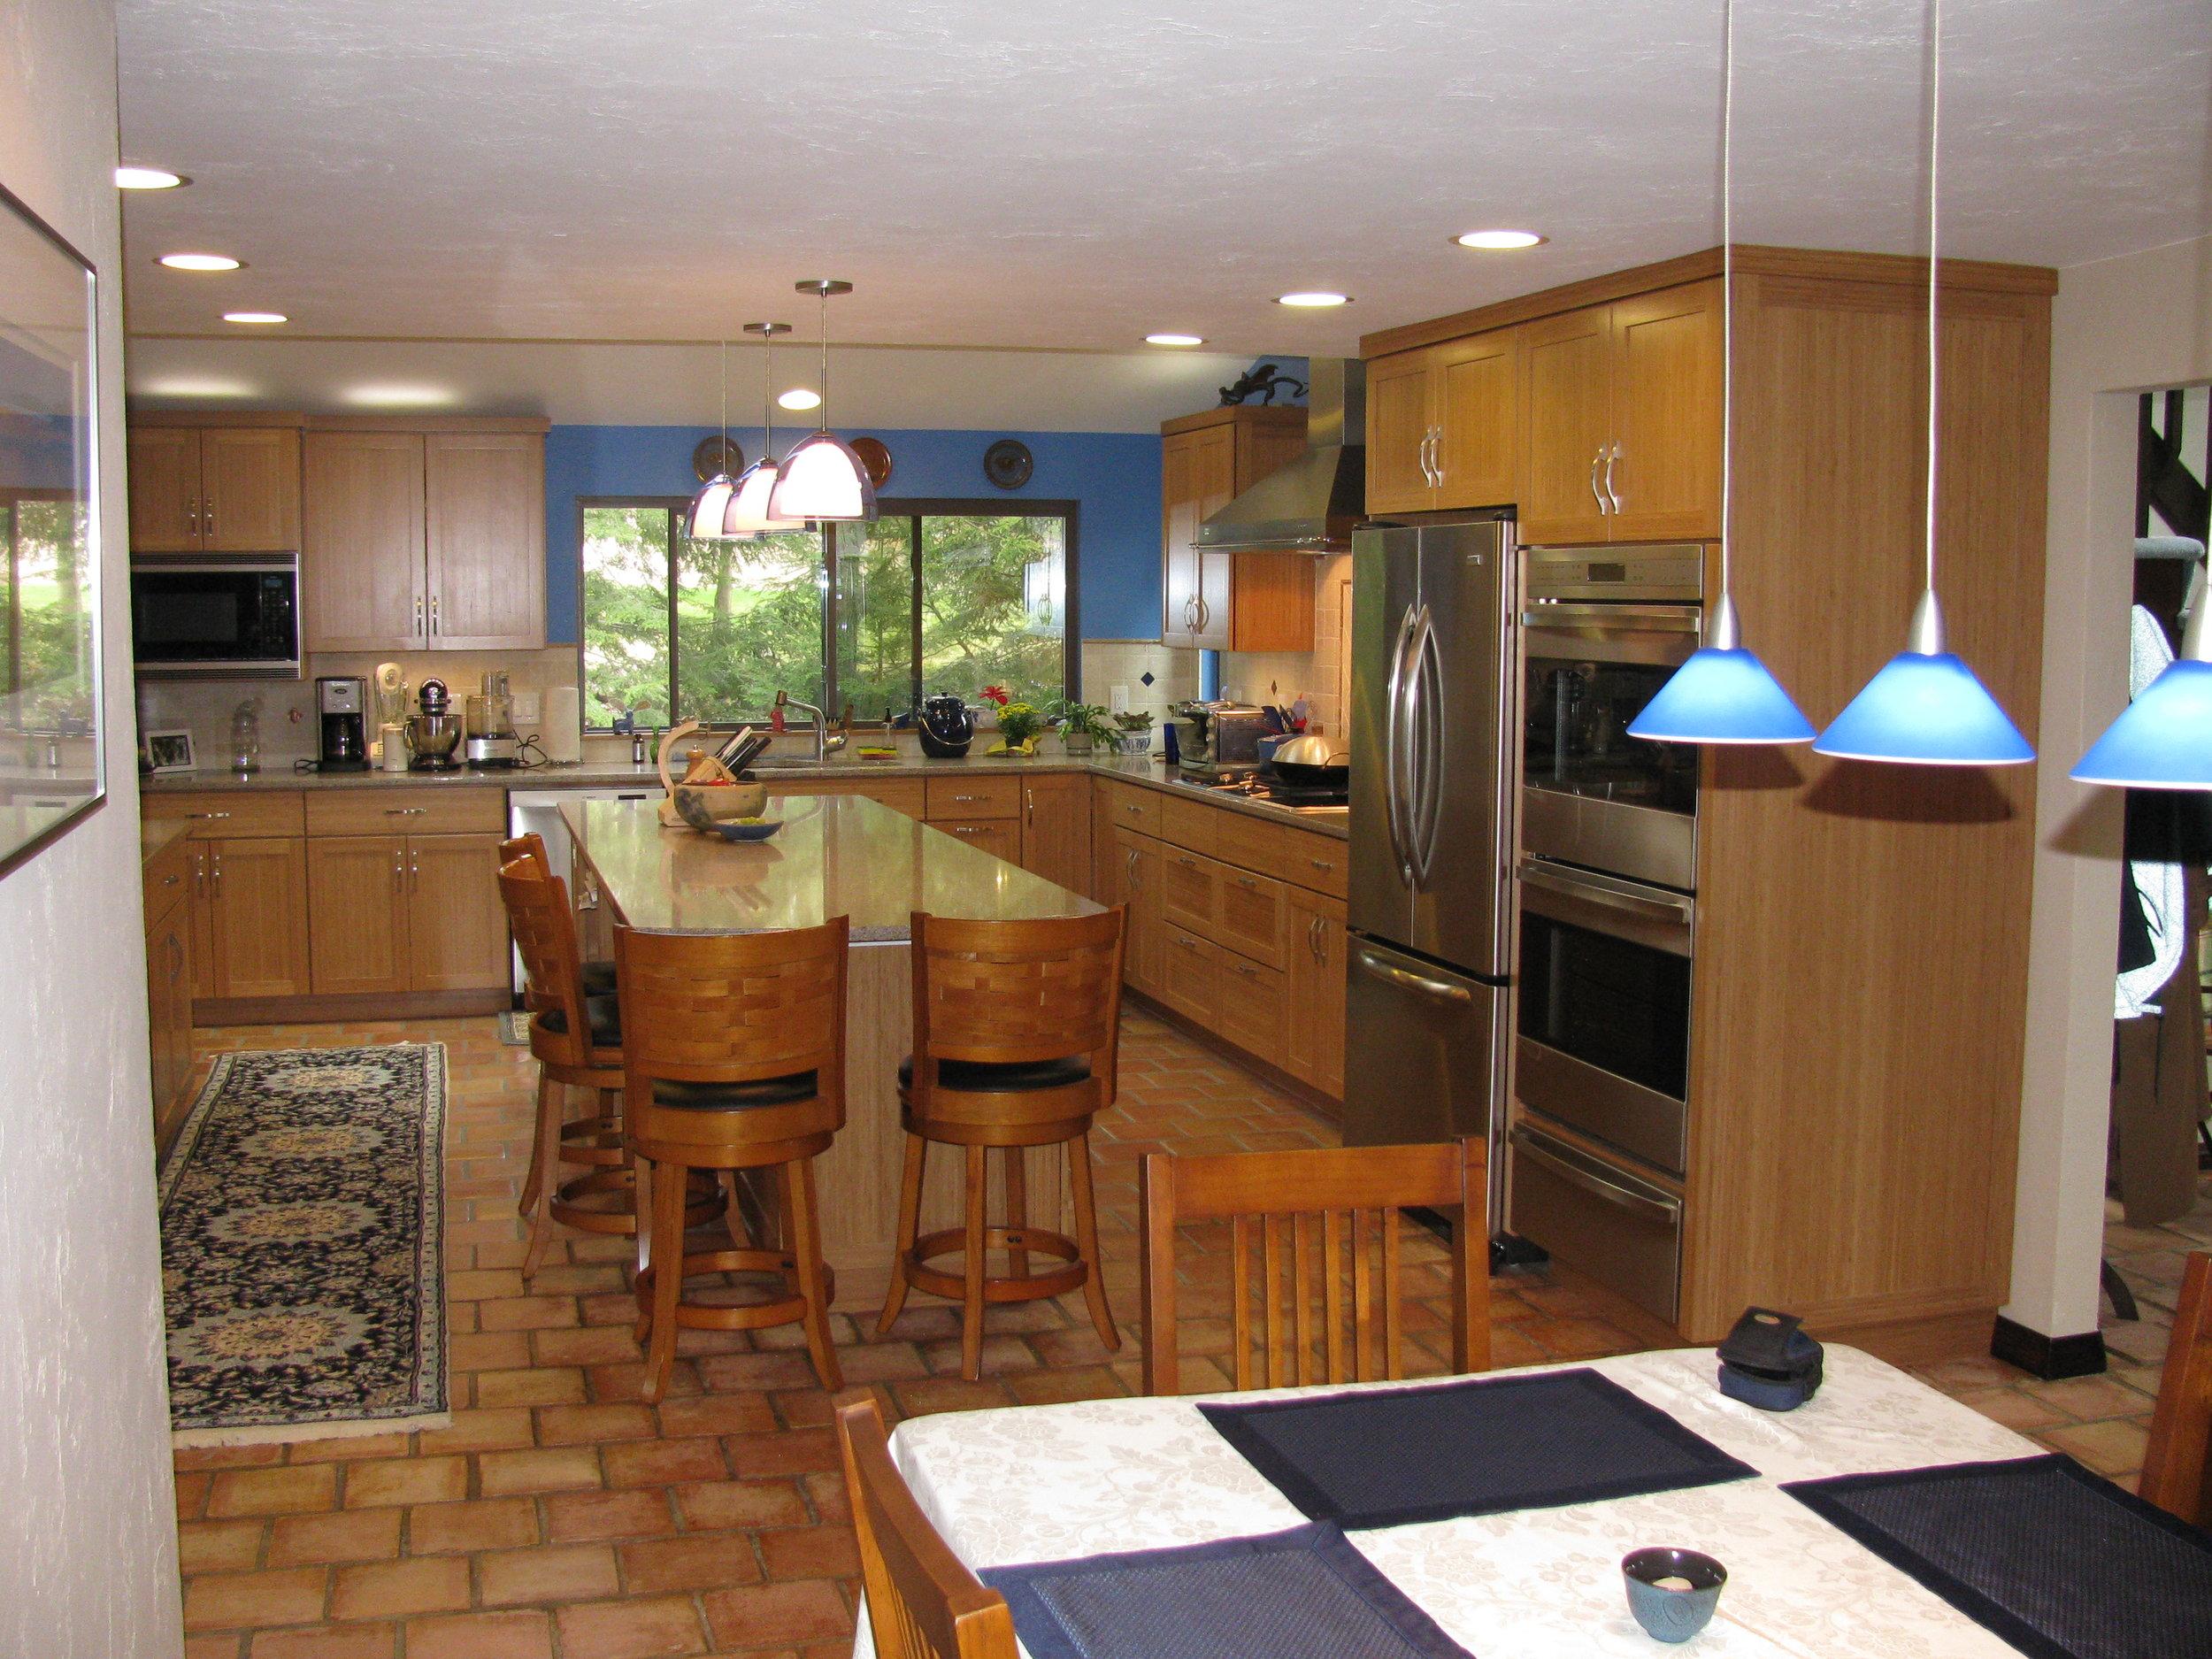 St. Germain Kitchen 001.jpg